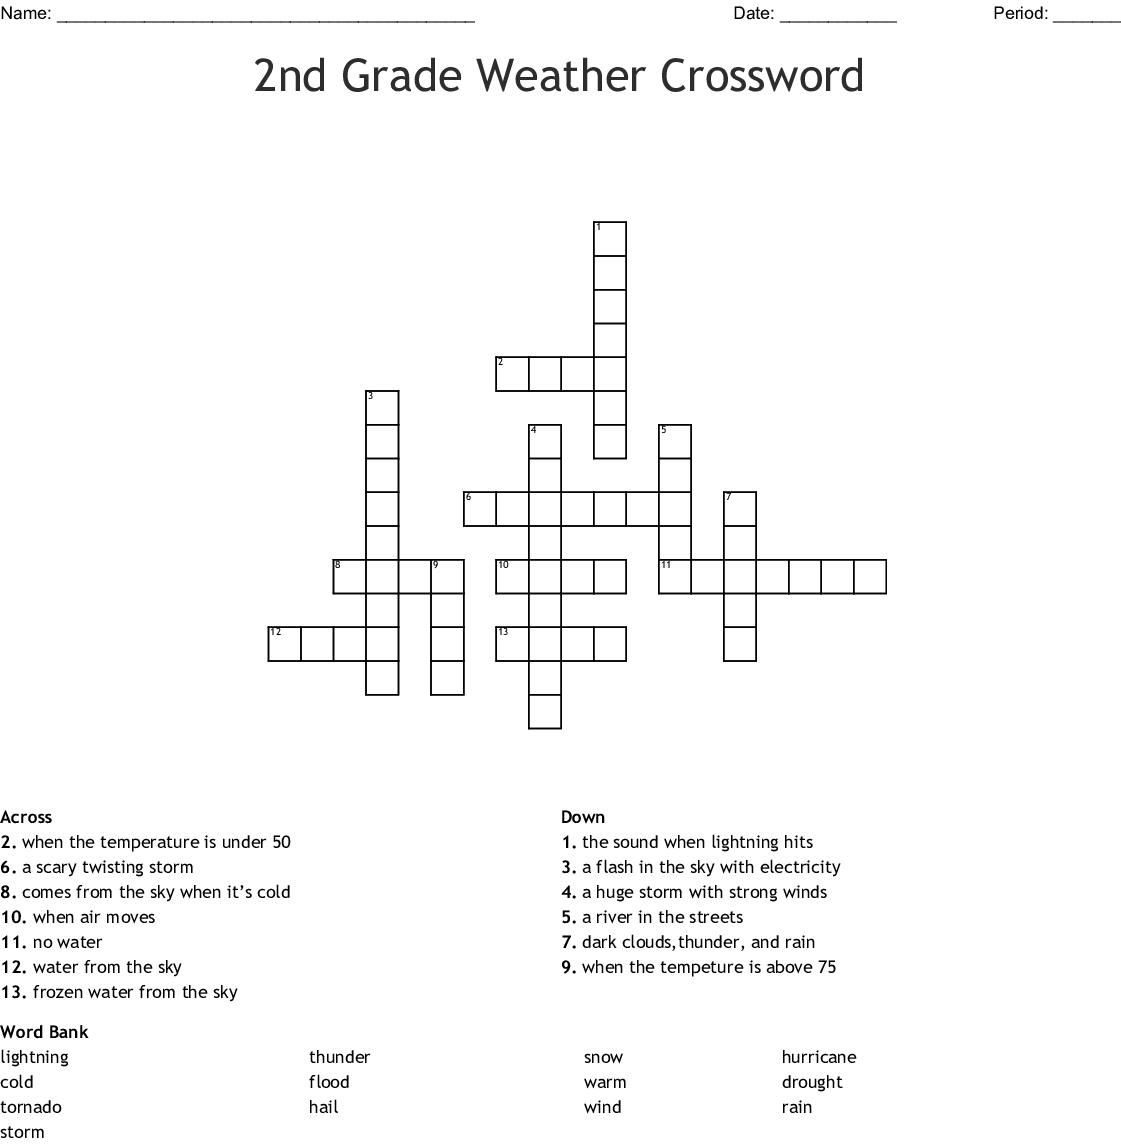 2nd Grade Weather Crossword